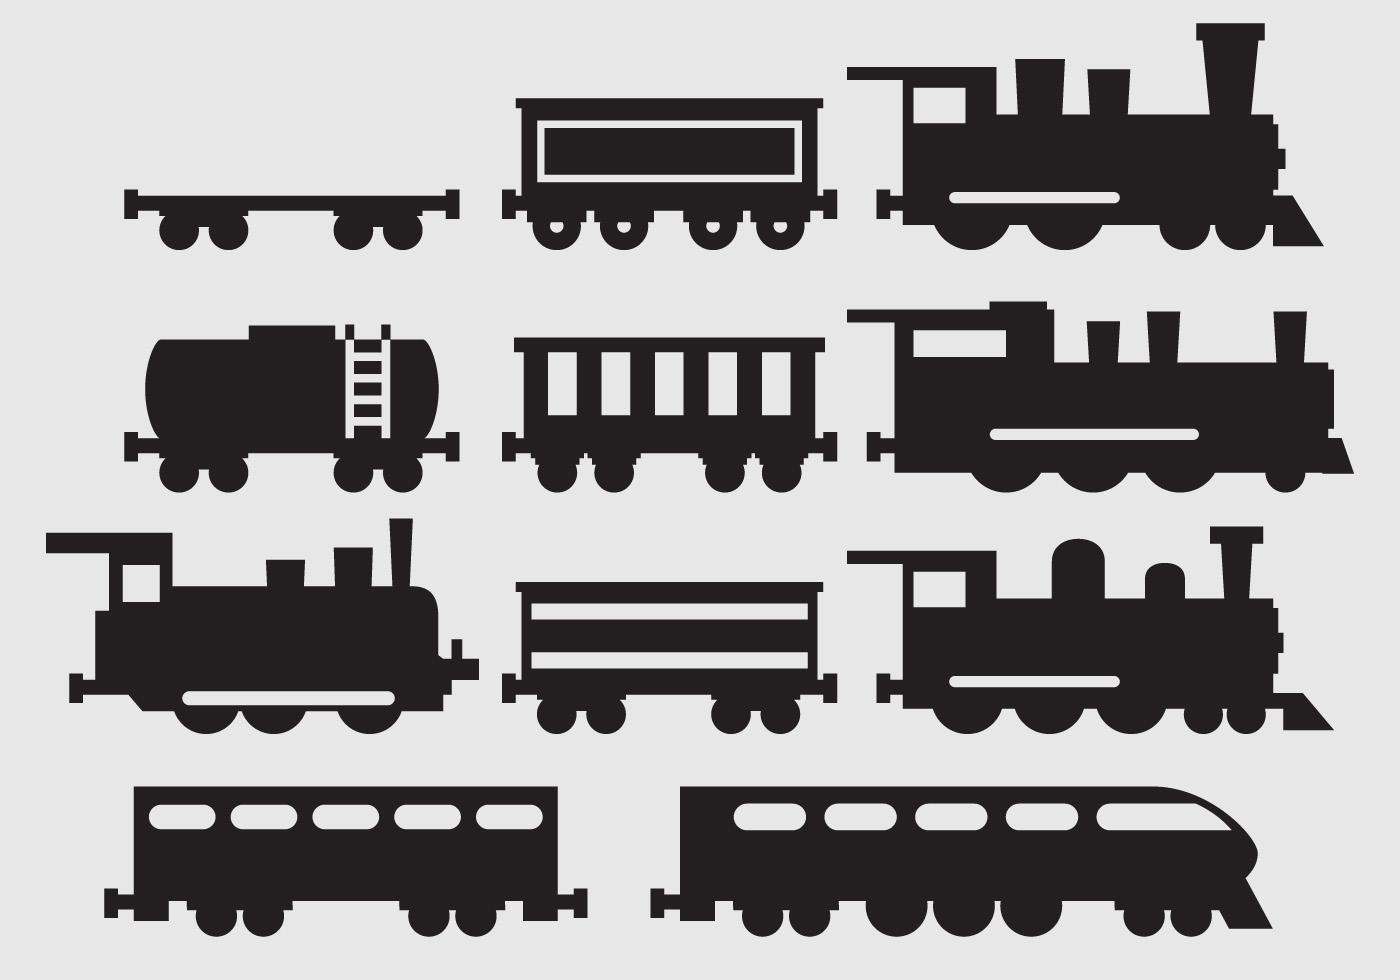 train silhouette vectors download free vector art  stock railroad track clipart railroad track clipart